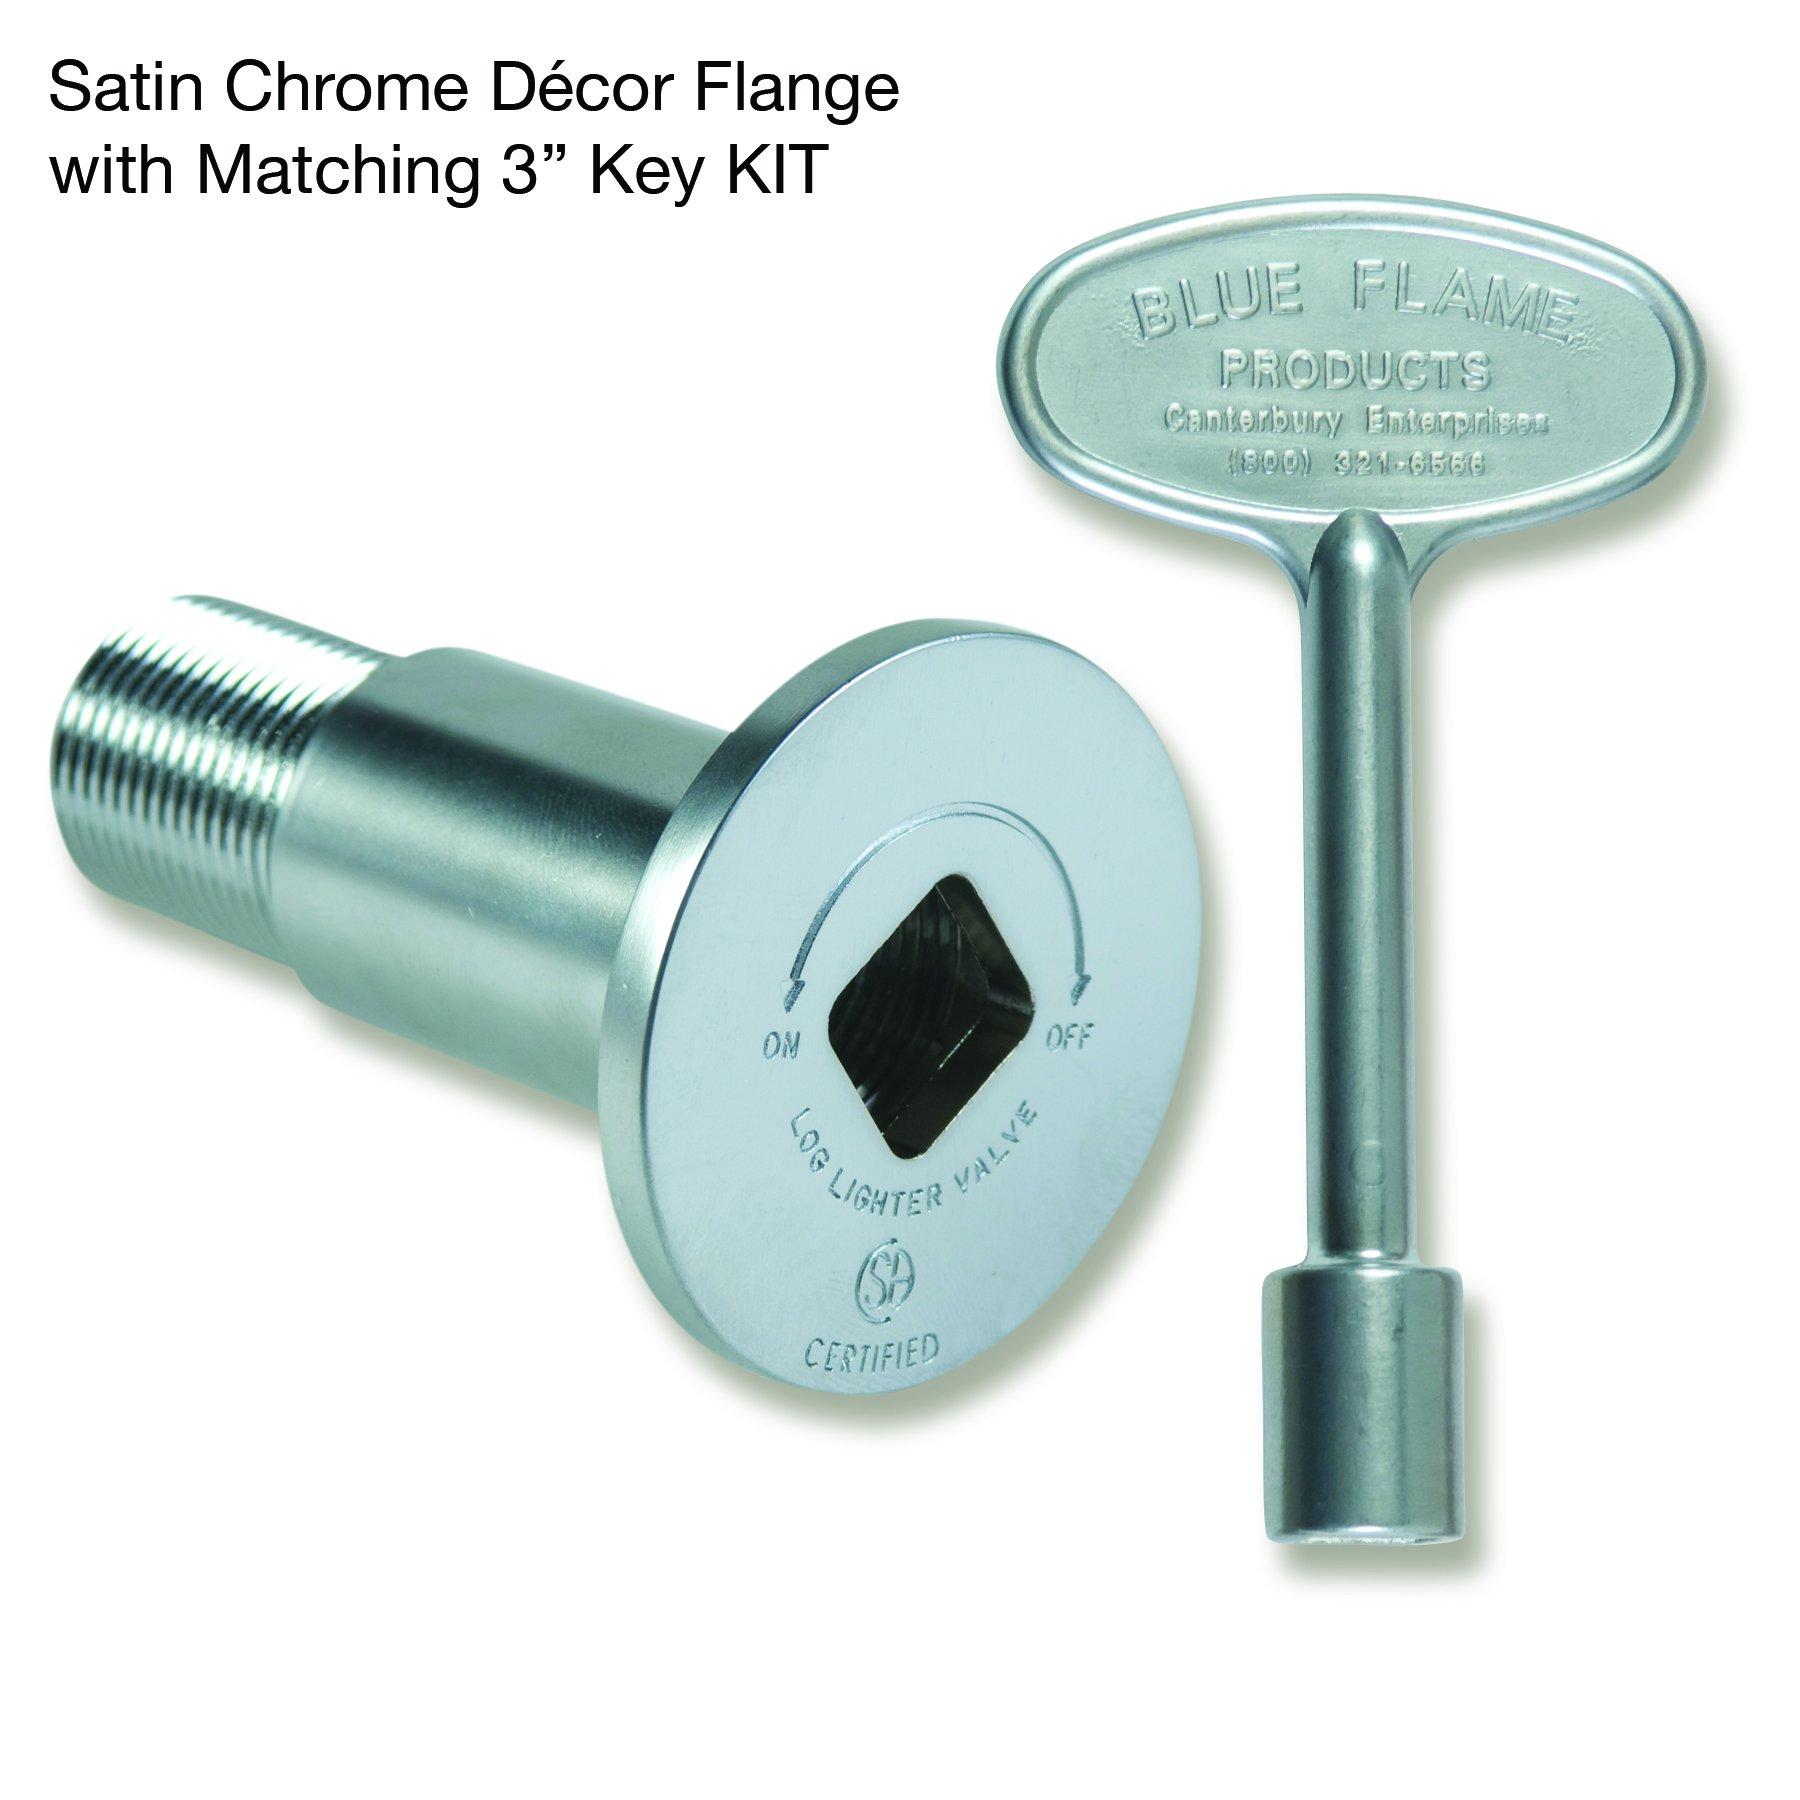 Blue Flame Flange And Key Kit 1/2 '' Chrome